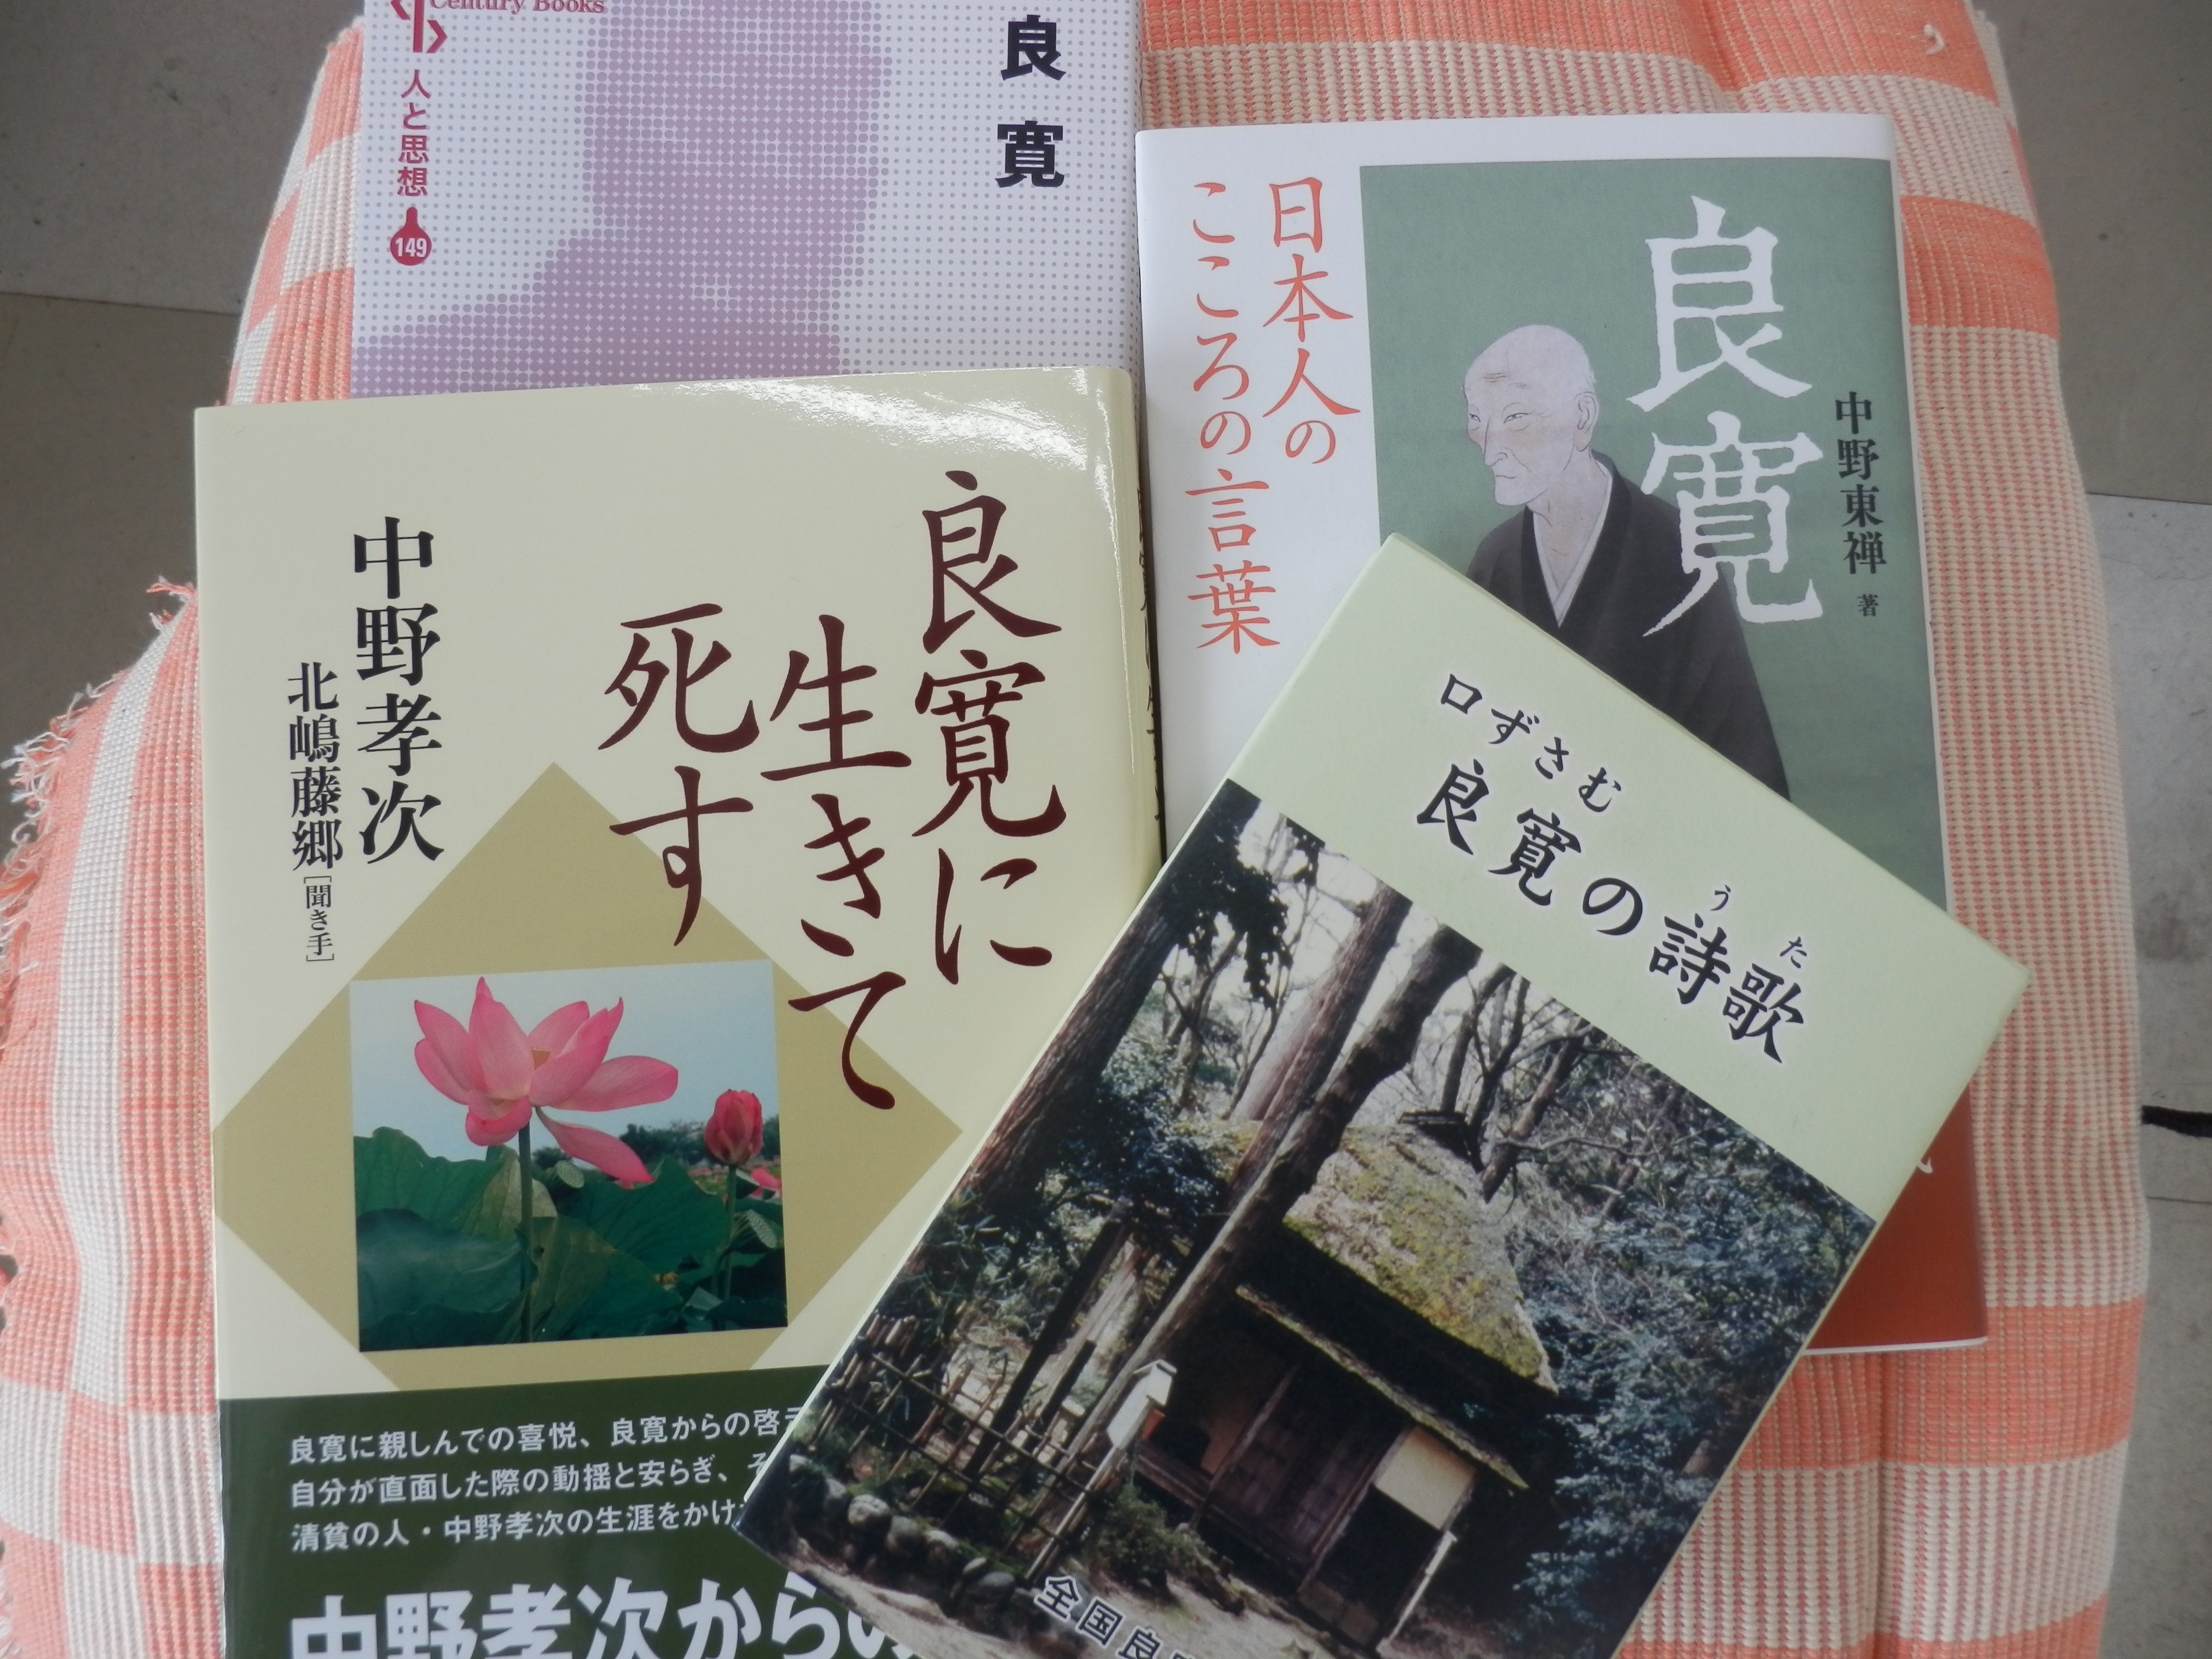 『良寛関連書籍』